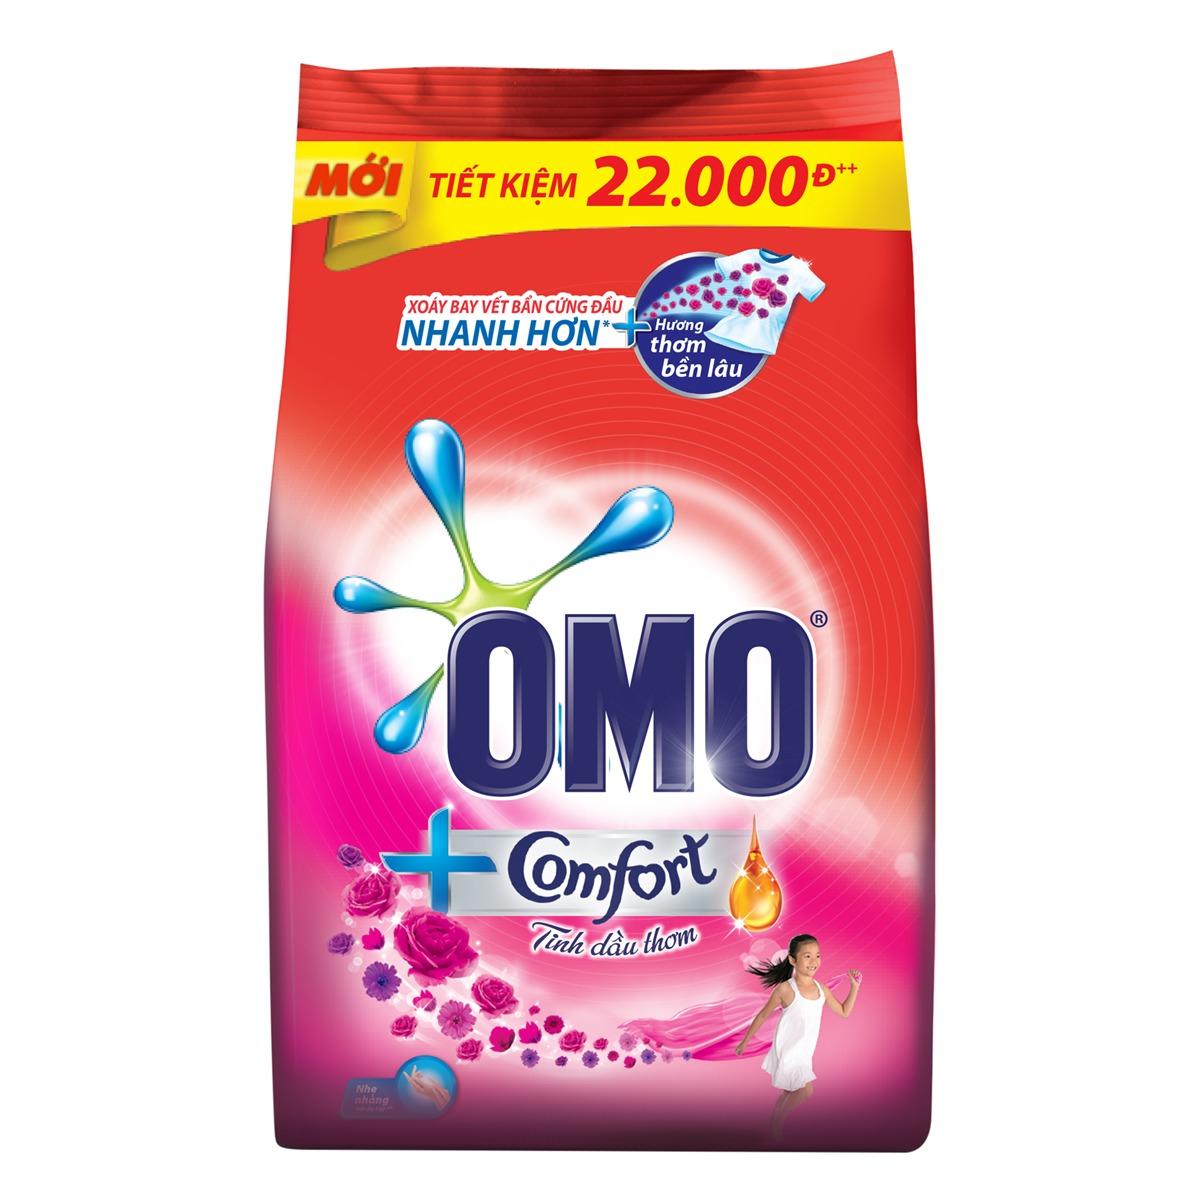 BG Omo Comfor TDT gói 5.5kg (3) 0